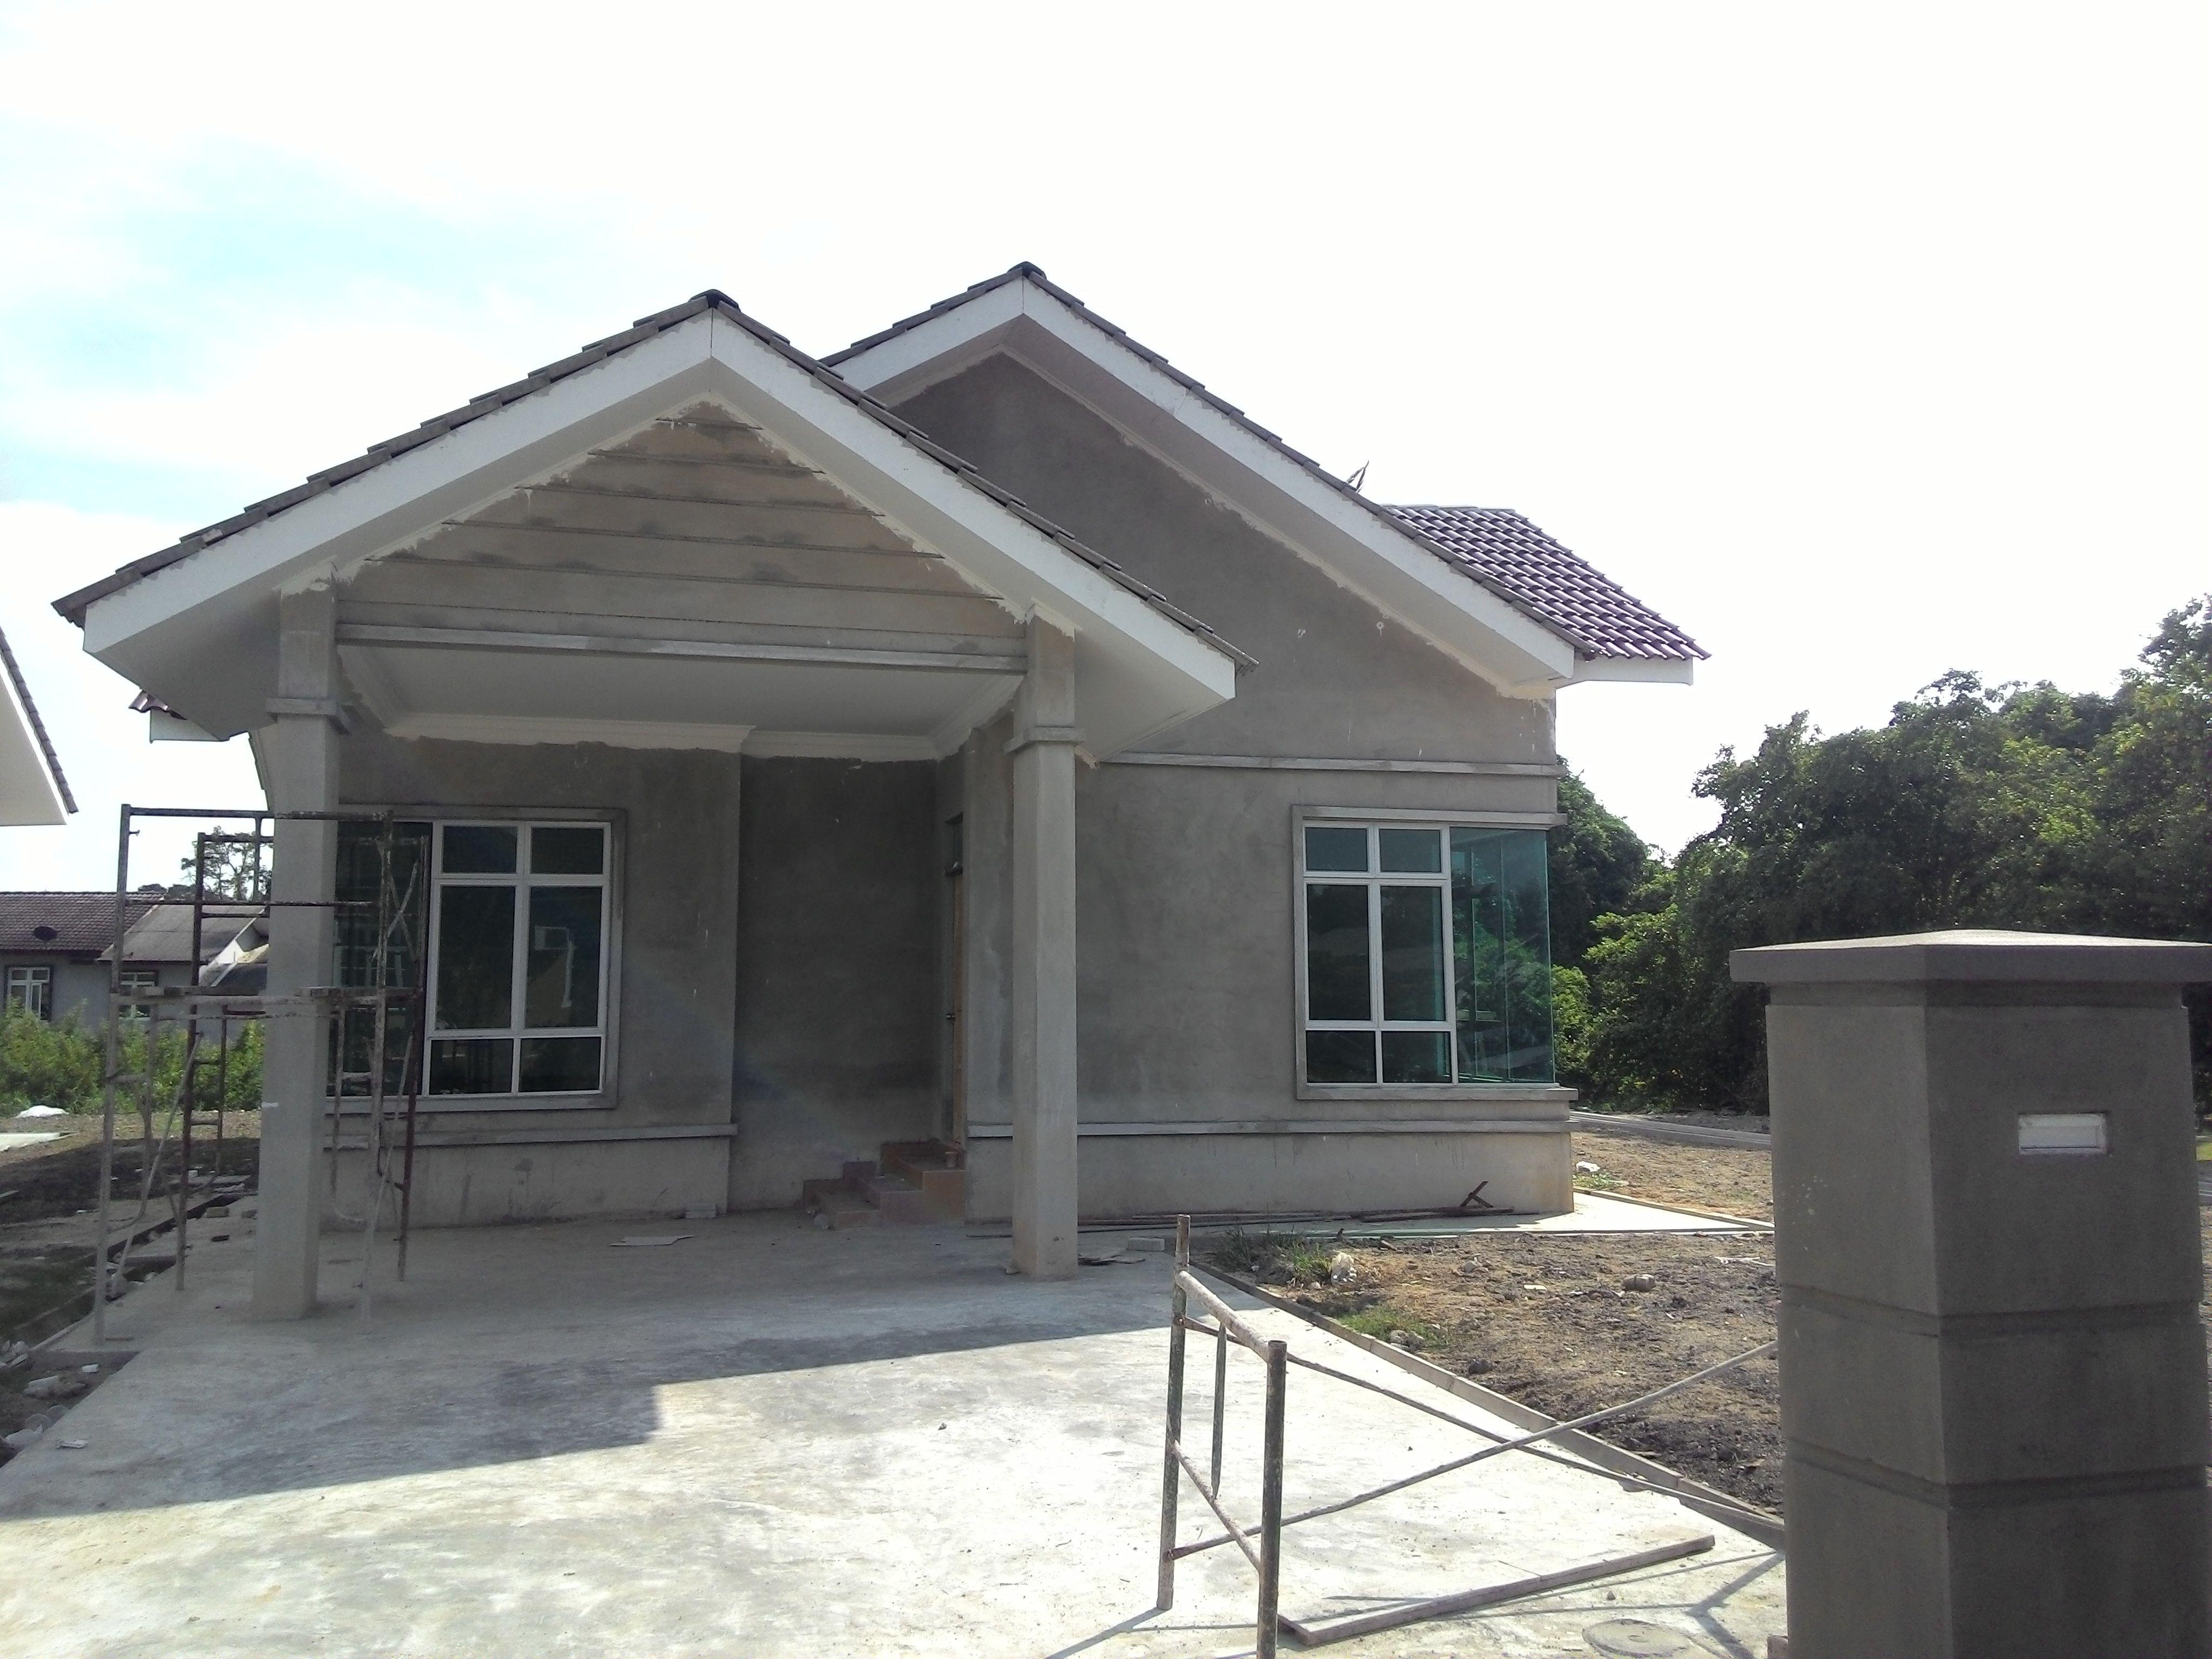 Rumah Banglo Setingkat Rekabentuk Tropika Di Kg Baung Jln Pengkalan Chepa Kb Lokasi 100m Dari